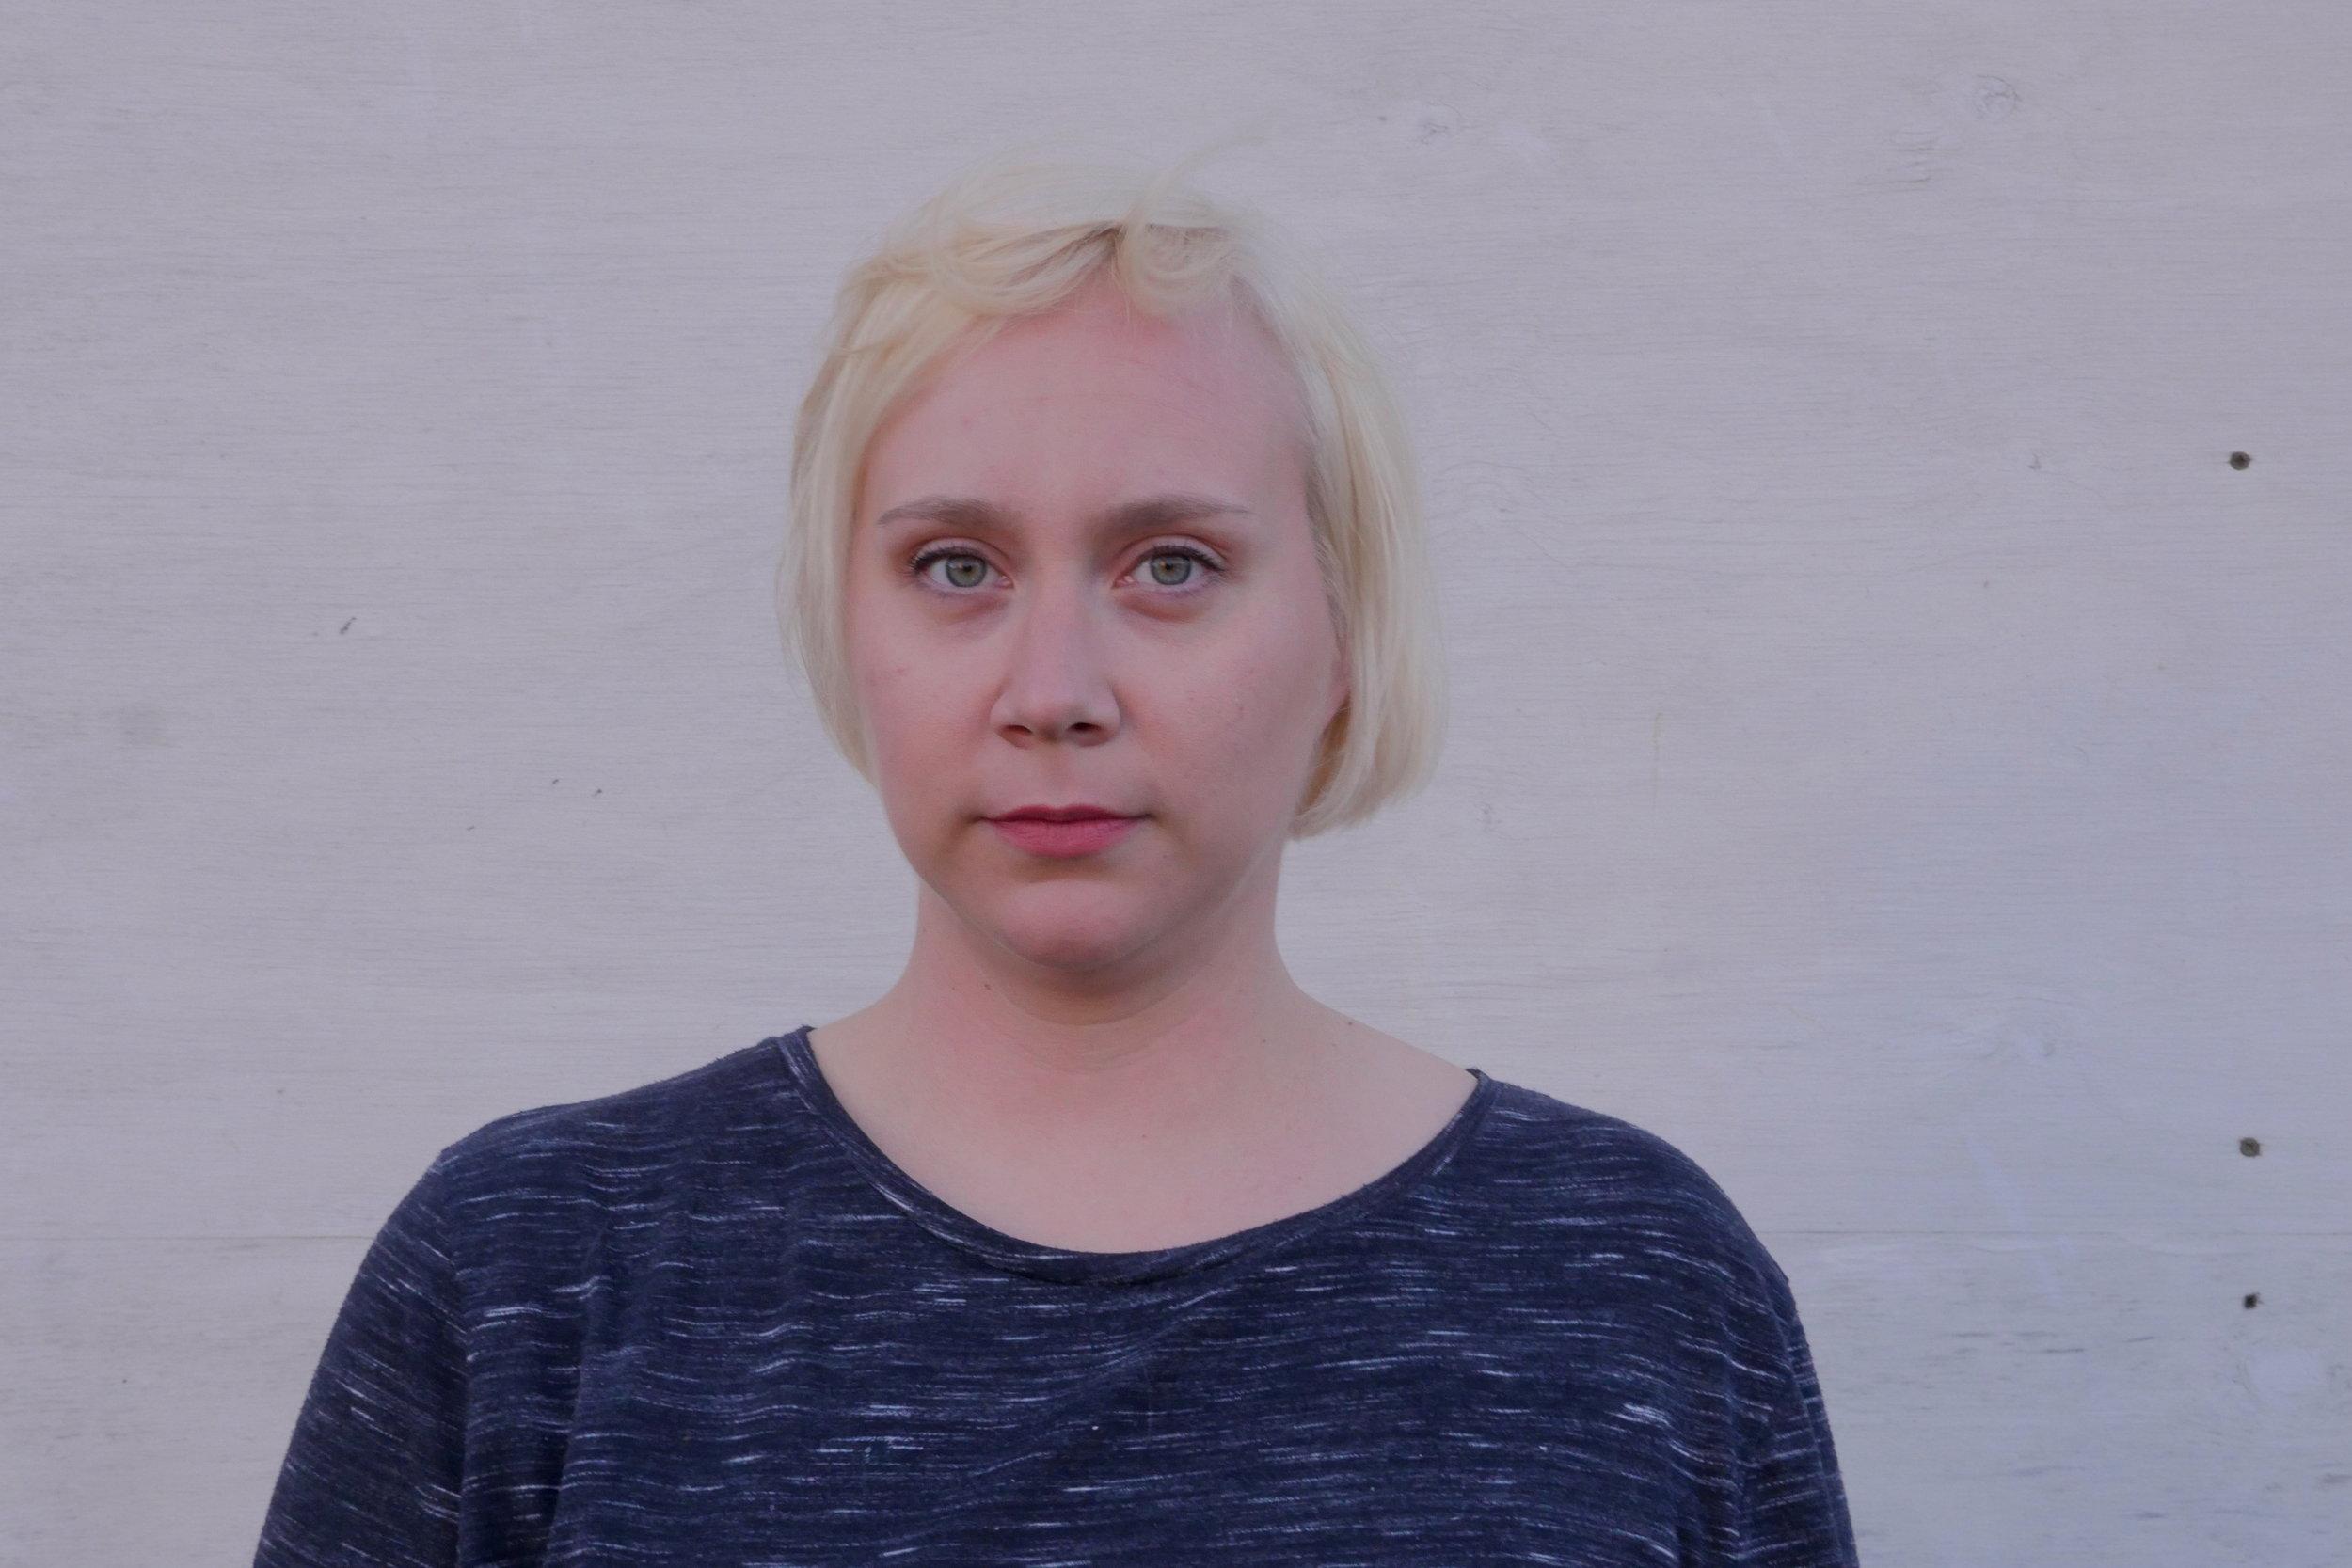 ulla_heikkila_headshot_2018.JPG